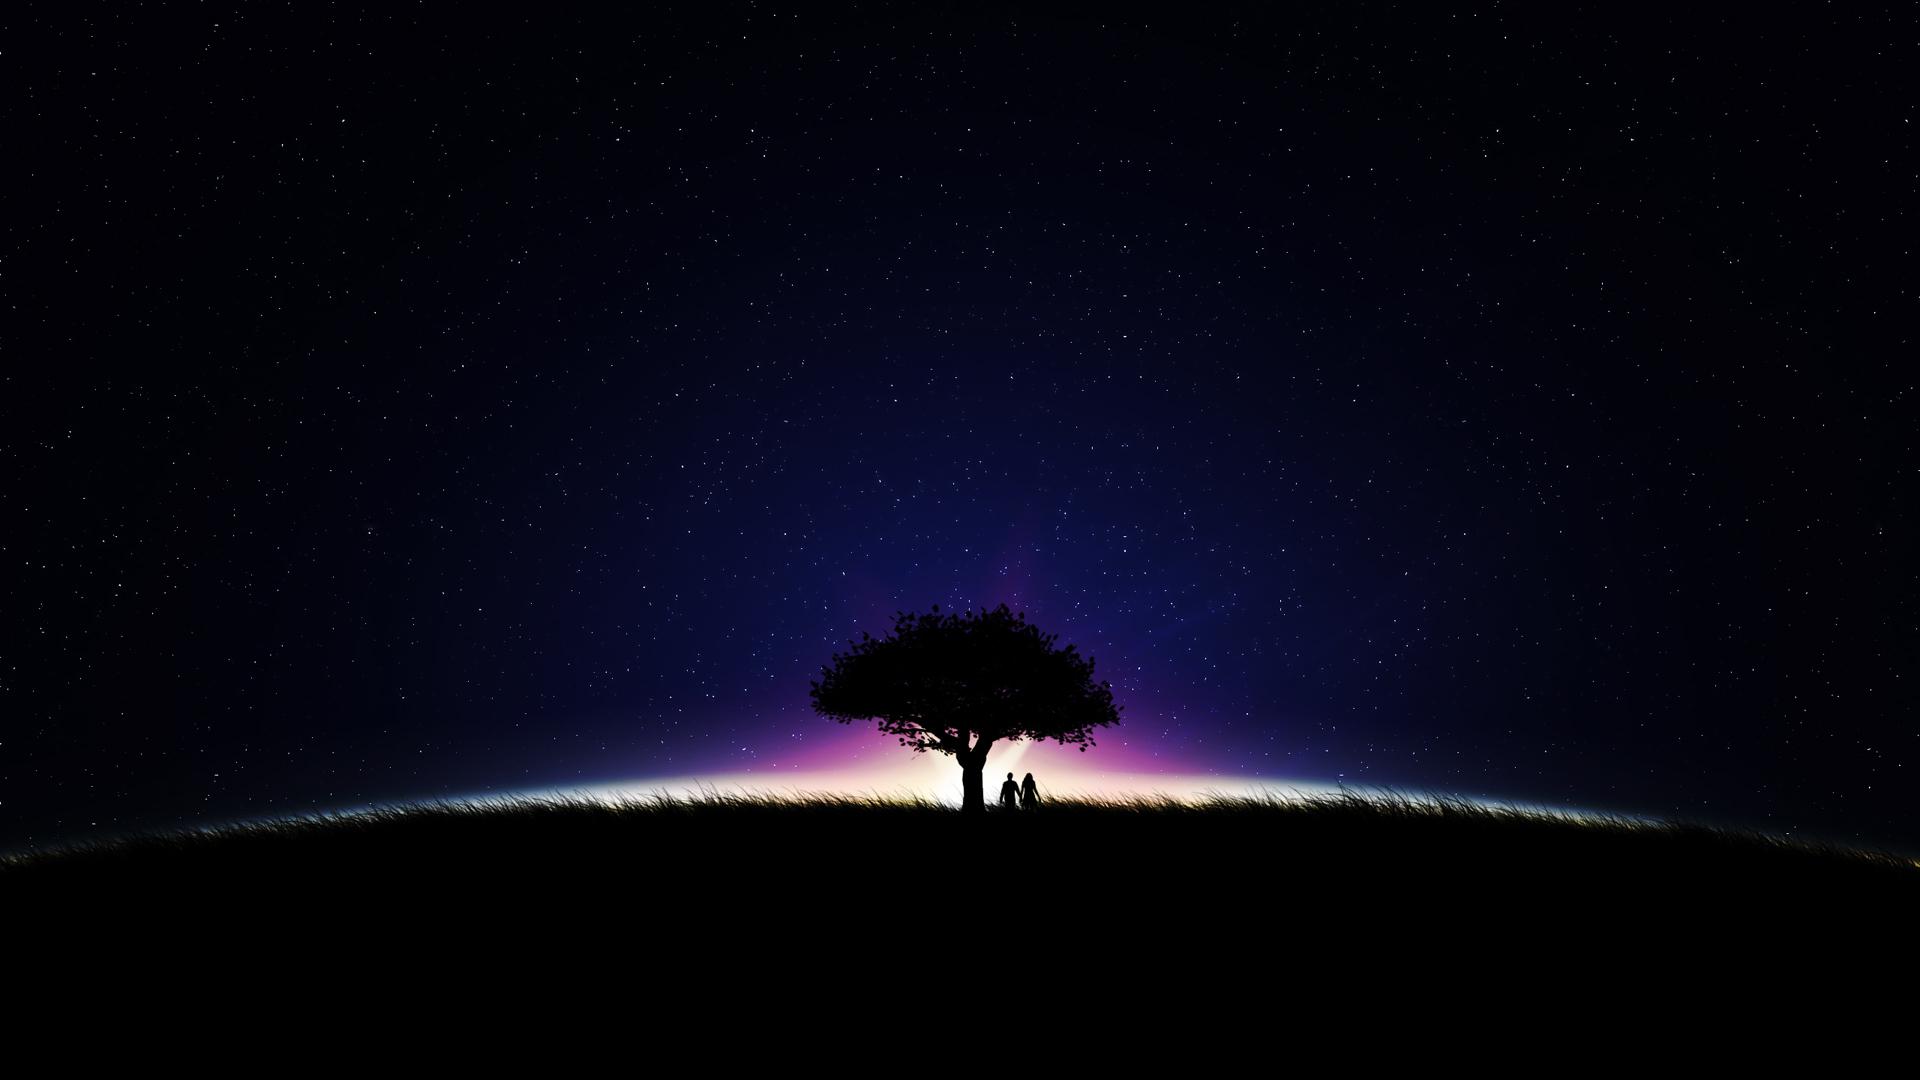 Best Wallpaper Night Cute - Emo__039176_  Image.jpg